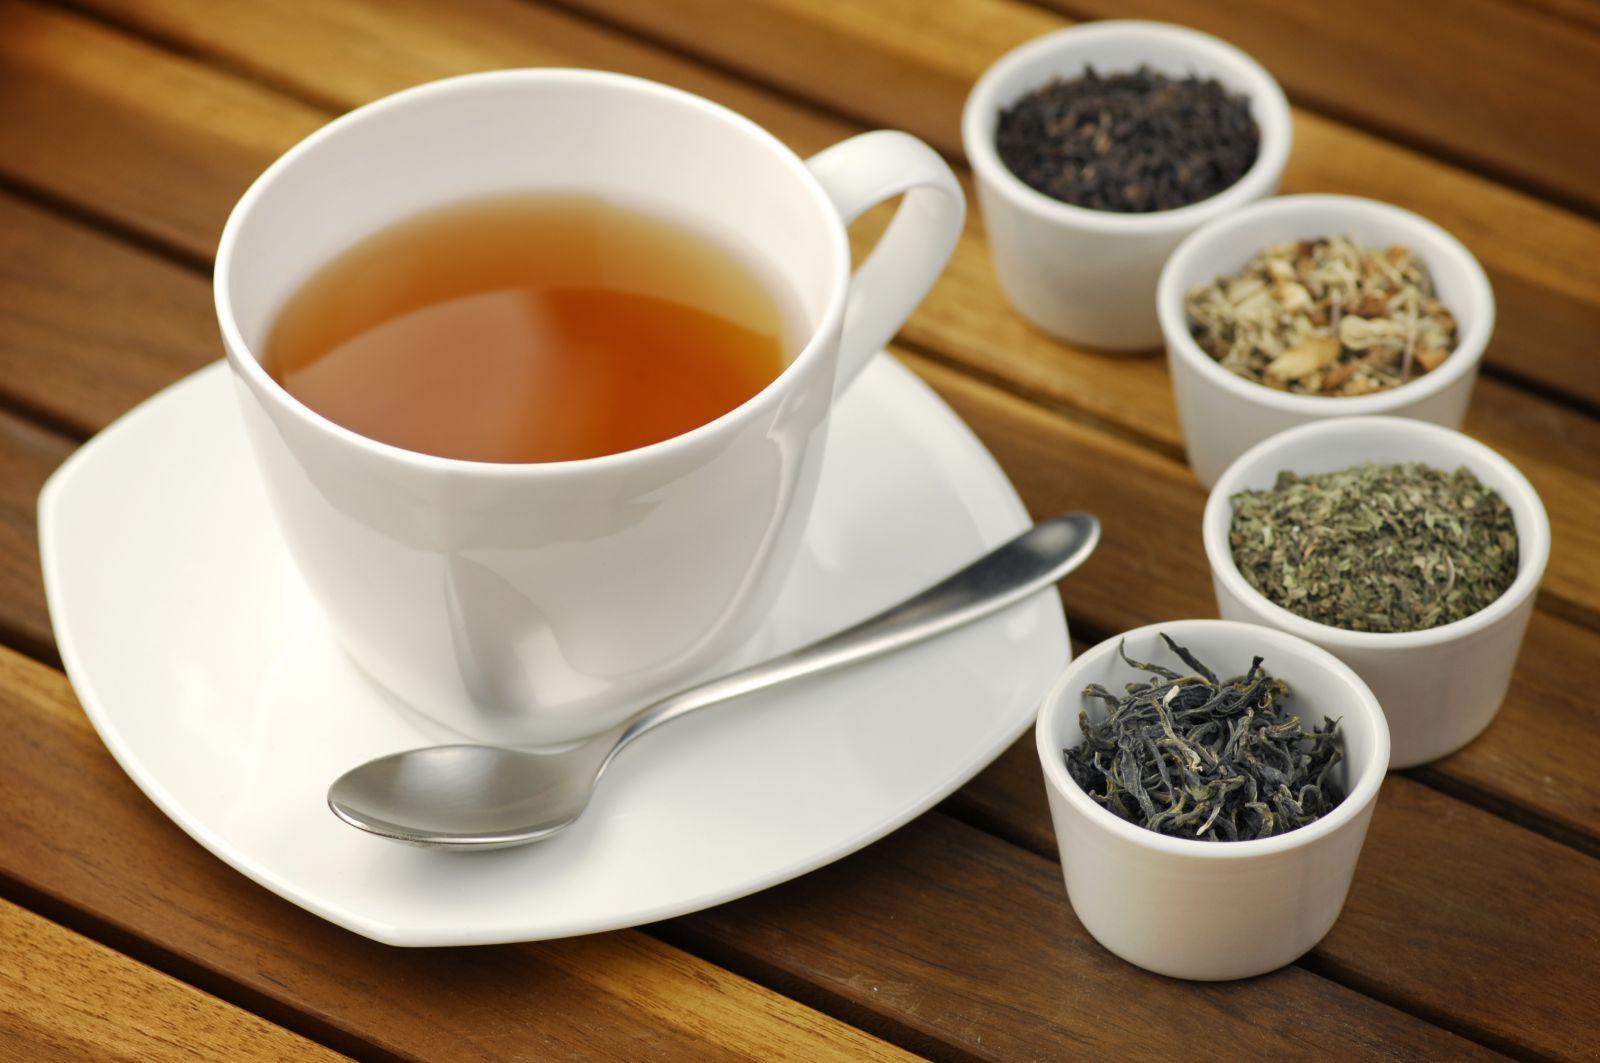 9 из 10 пачек «Краснодарского чая» — фальсификат